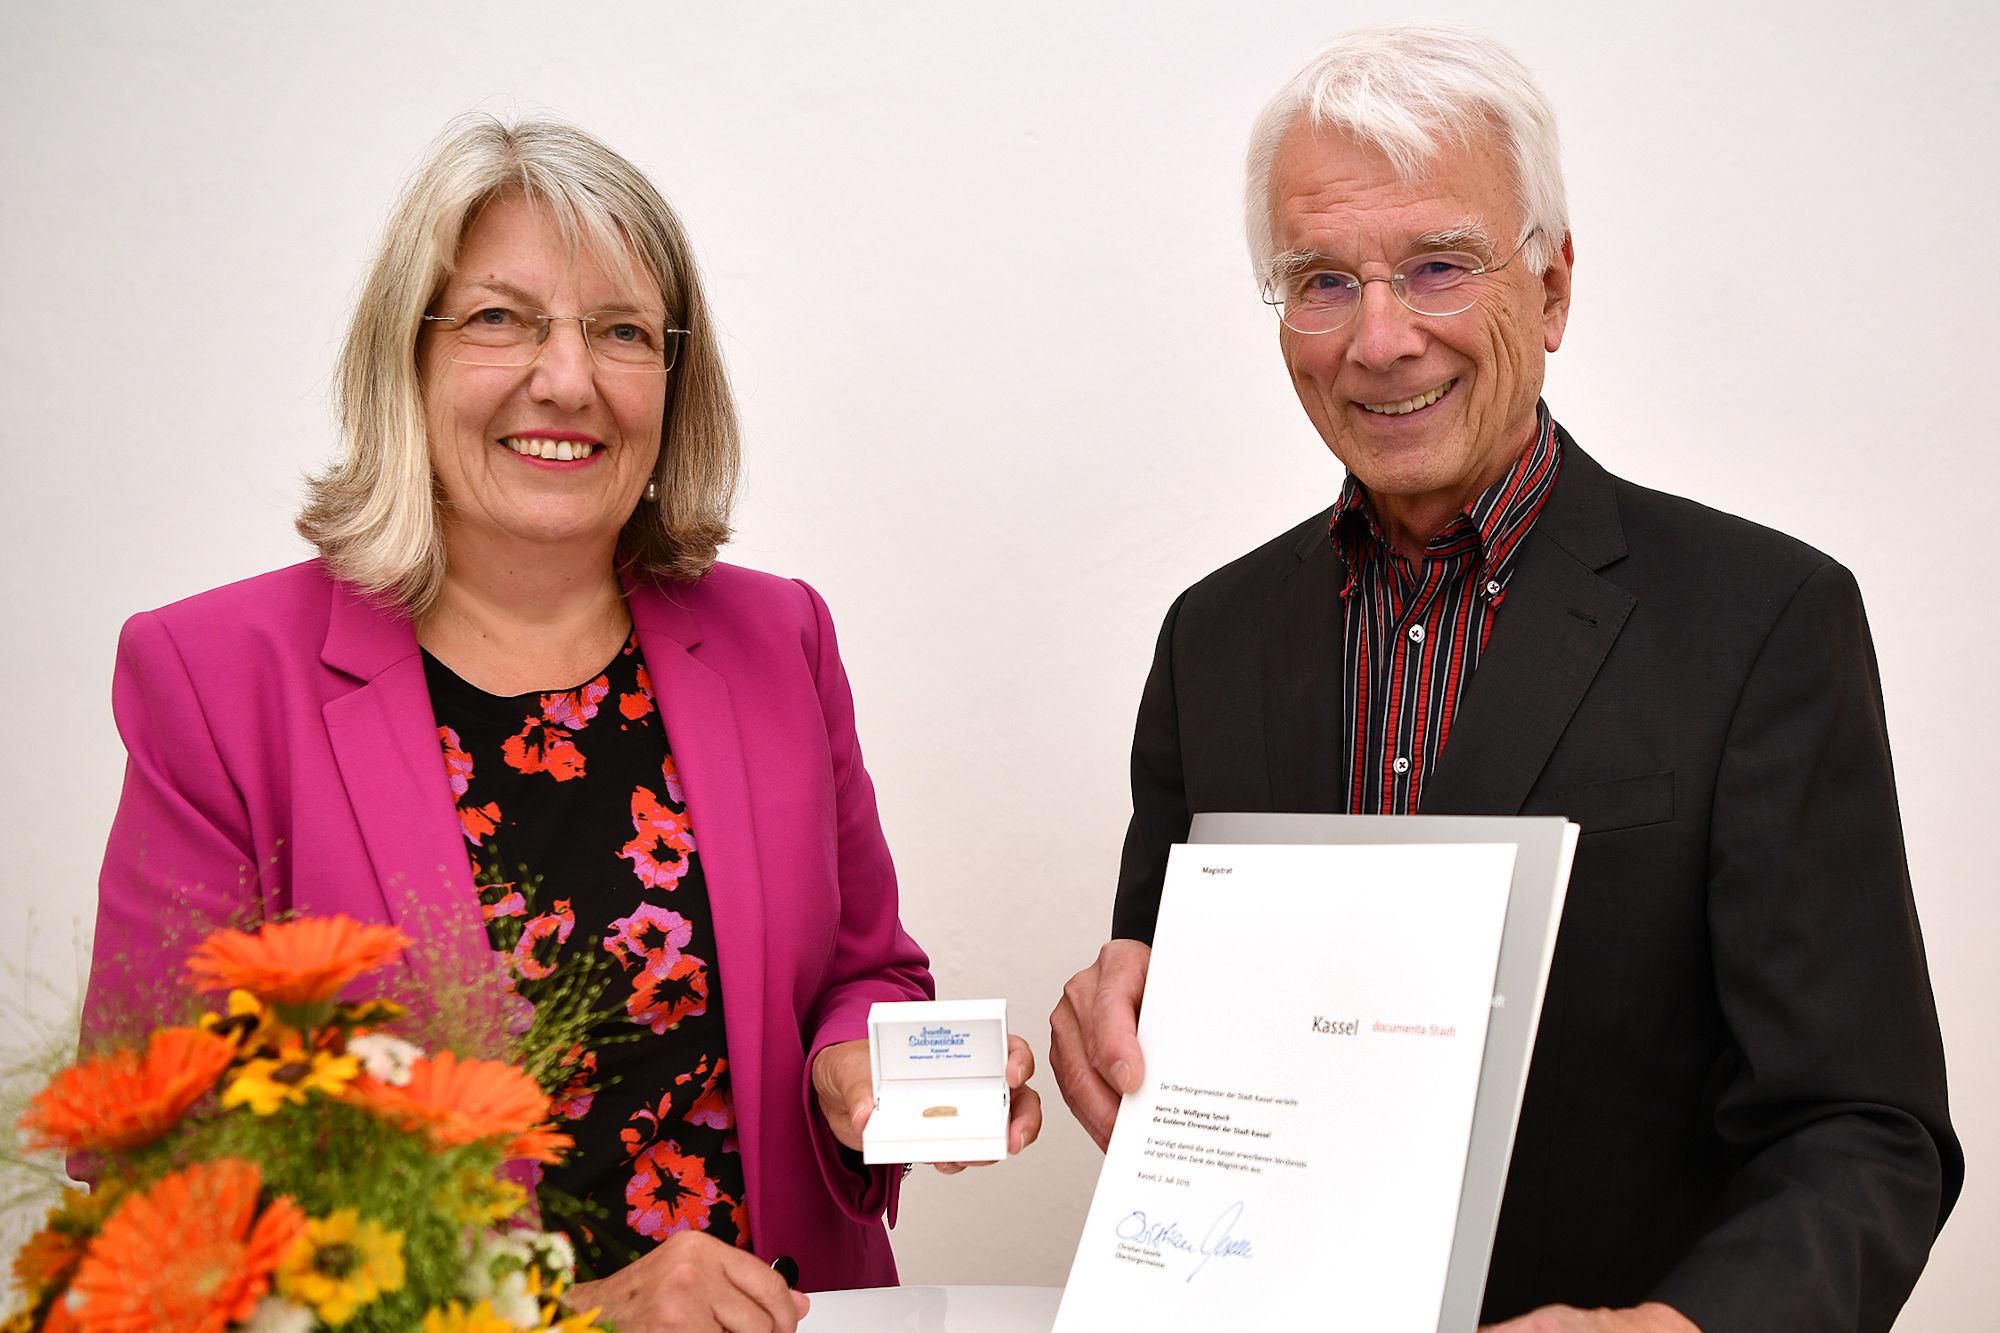 Bürgermeisterin Ilona Friedrich überreichte Dr. Wolfgang Spuck die goldene Ehrennadel der Stadt Kassel. (Foto: Stadt Kassel, Harry Soremski)